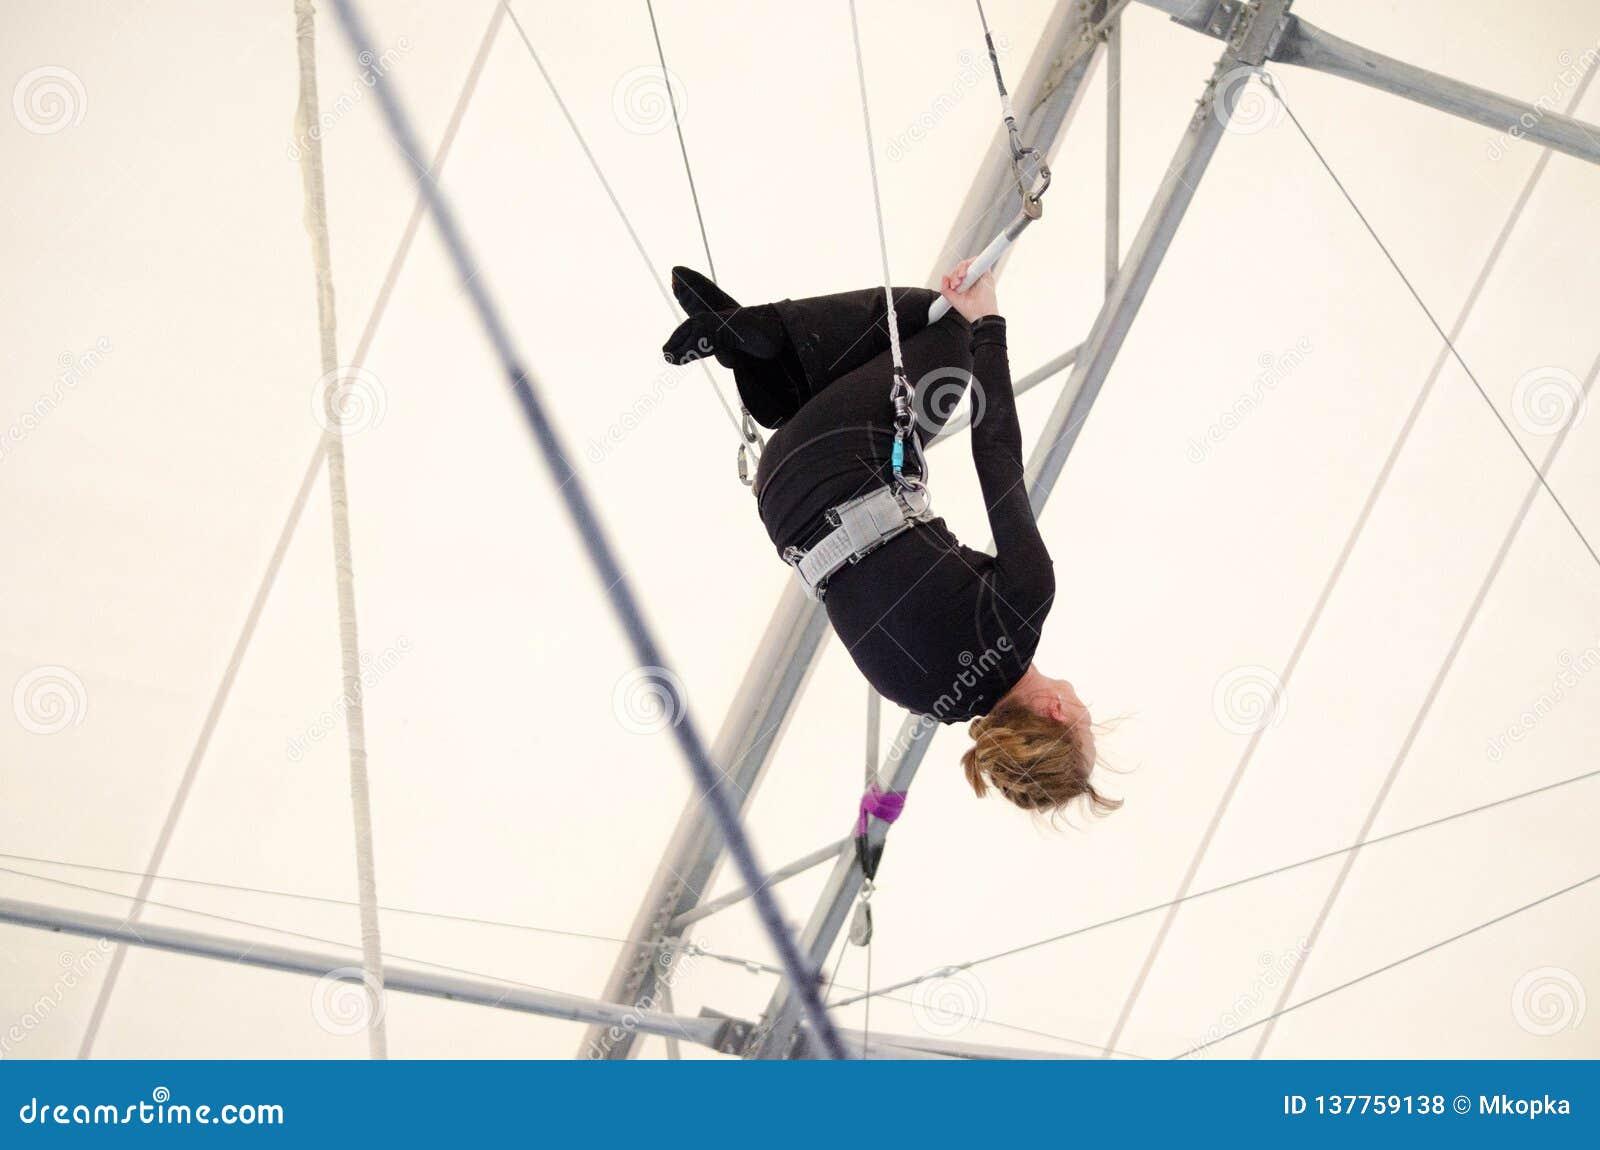 Eine erwachsene Frau hängt an einem fliegenden Trapez an einer Innenturnhalle Die Frau ist ein Amateurtrapezkünstler